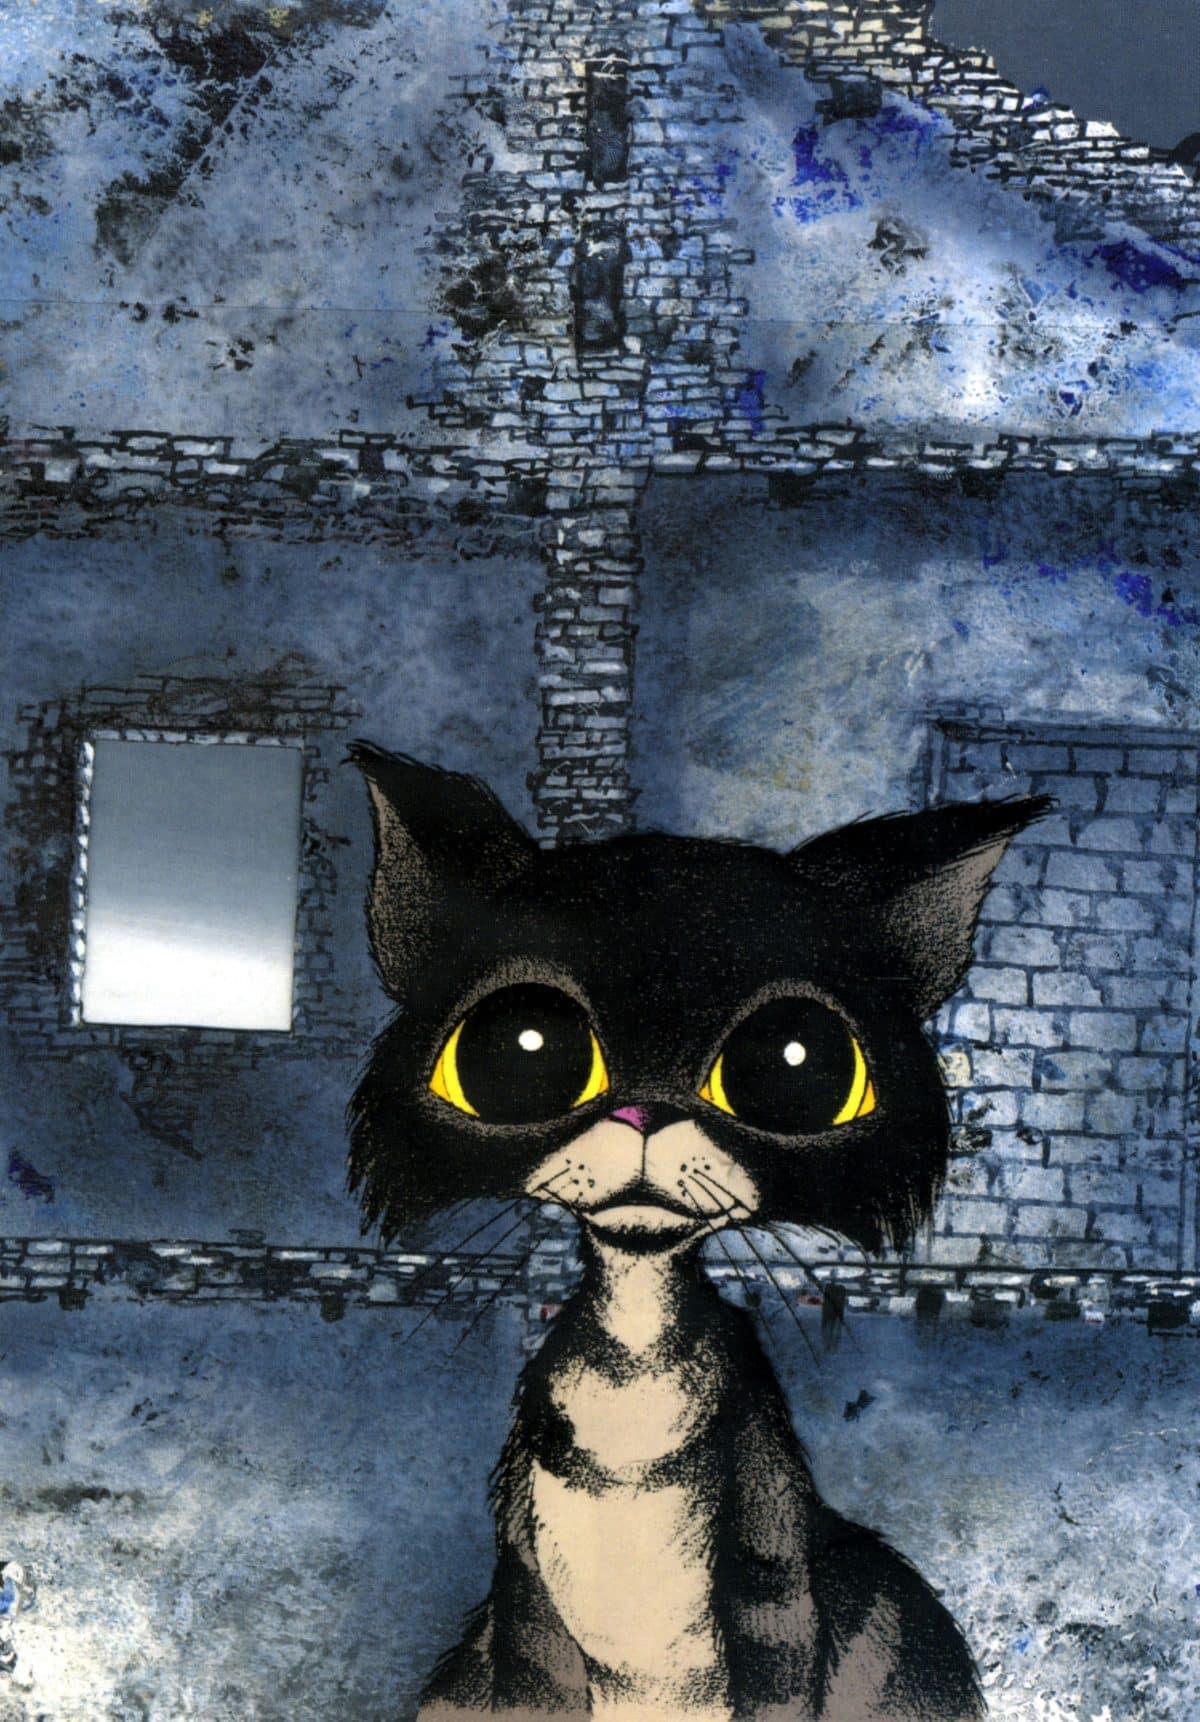 IL-gatto-grigio-protagonista-dellepisodio-Valzer-triste-in-Allegro-non-troppo-di-Bruno-Bozzetto_Notizie